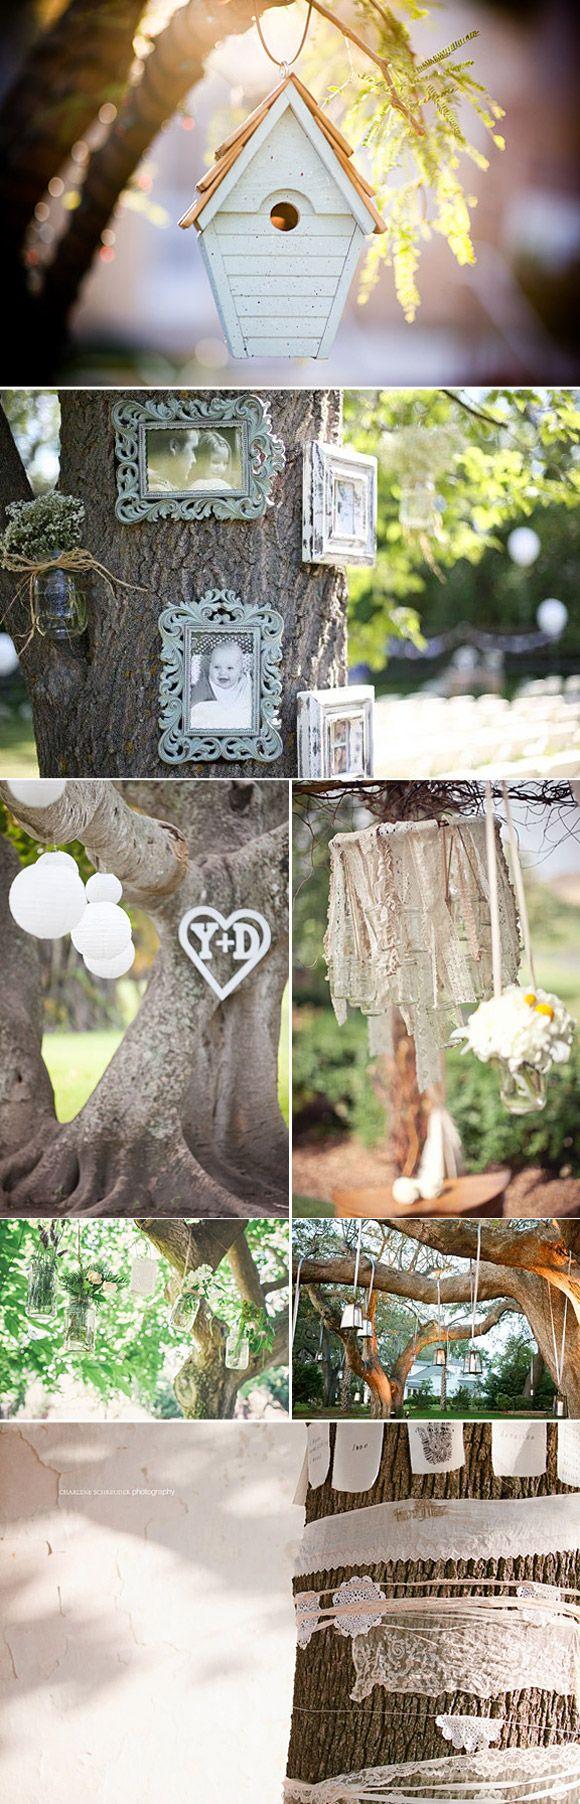 Decoración de árboles en las bodas: Ideas originales y sencillas para decorar arboles con banderines, farolillos, marcos y letras decorativas.